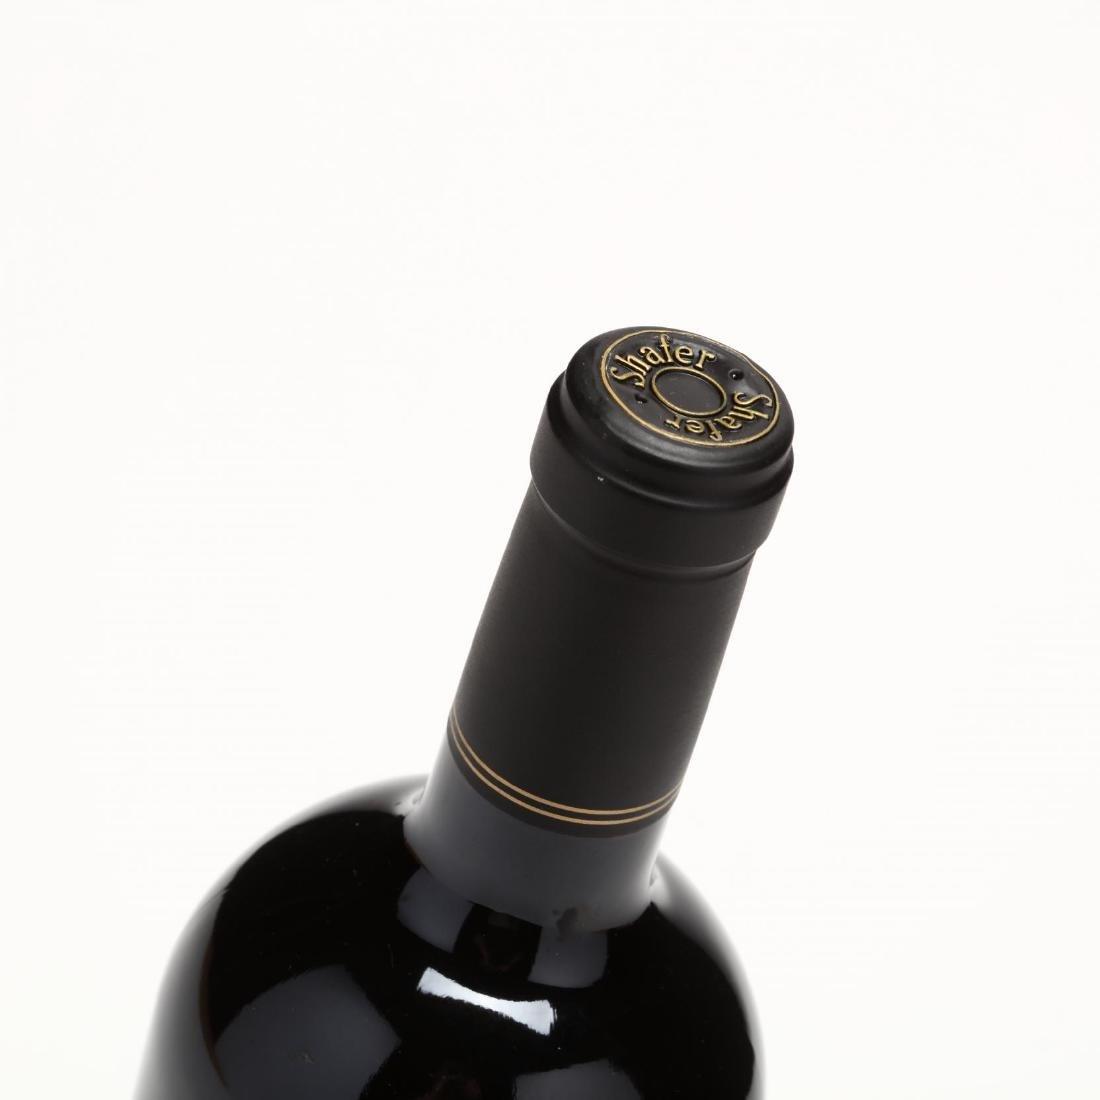 Shafer Vineyards - Vintage 2009 - 3